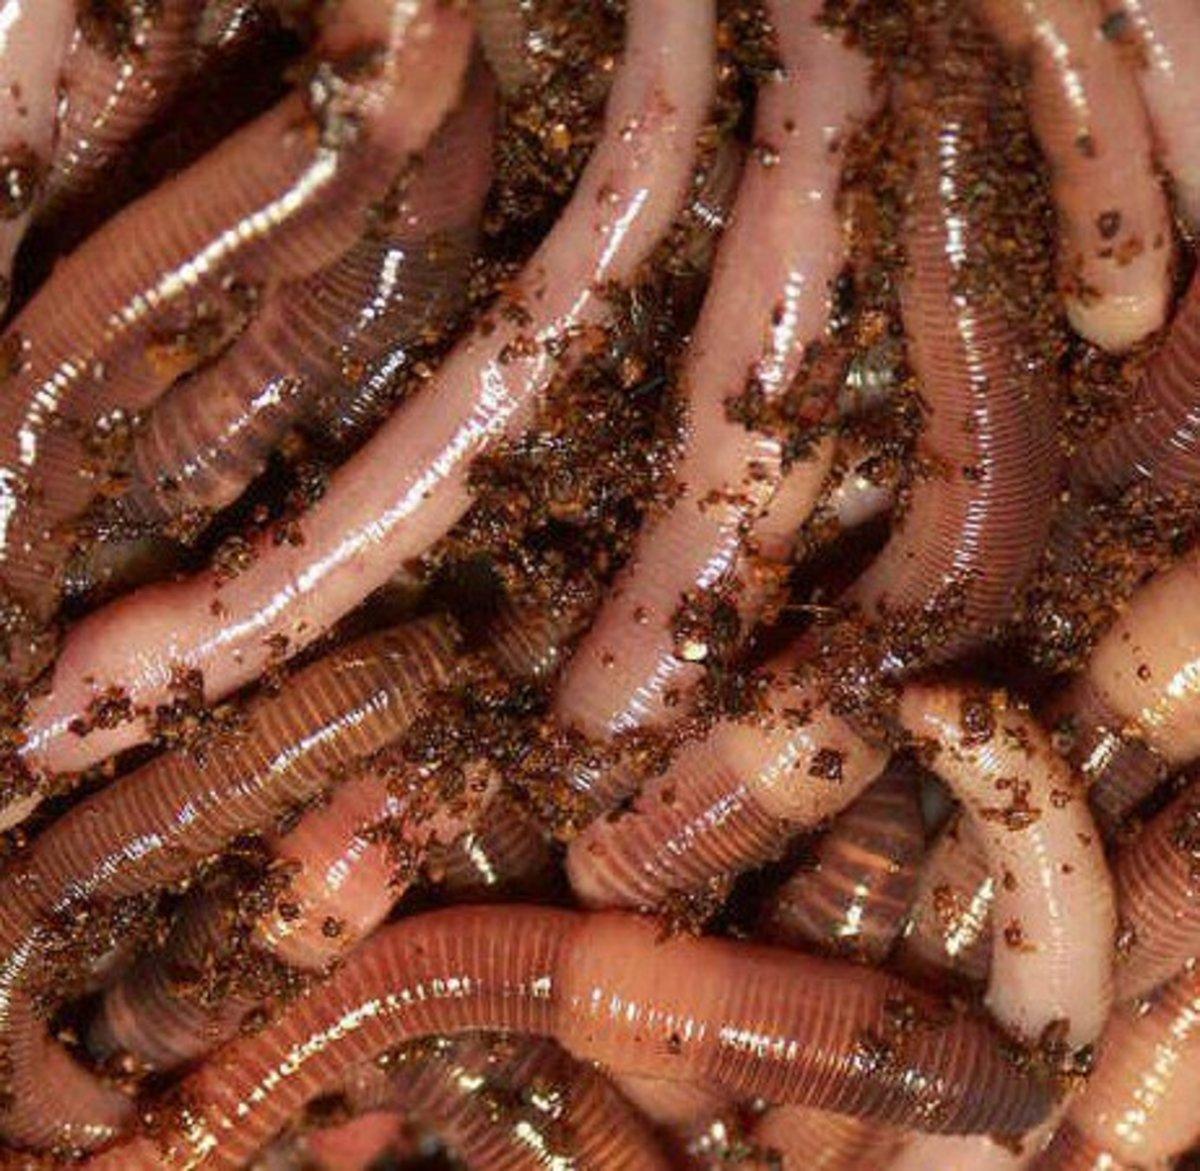 European nightcrawler worm farm composting bait